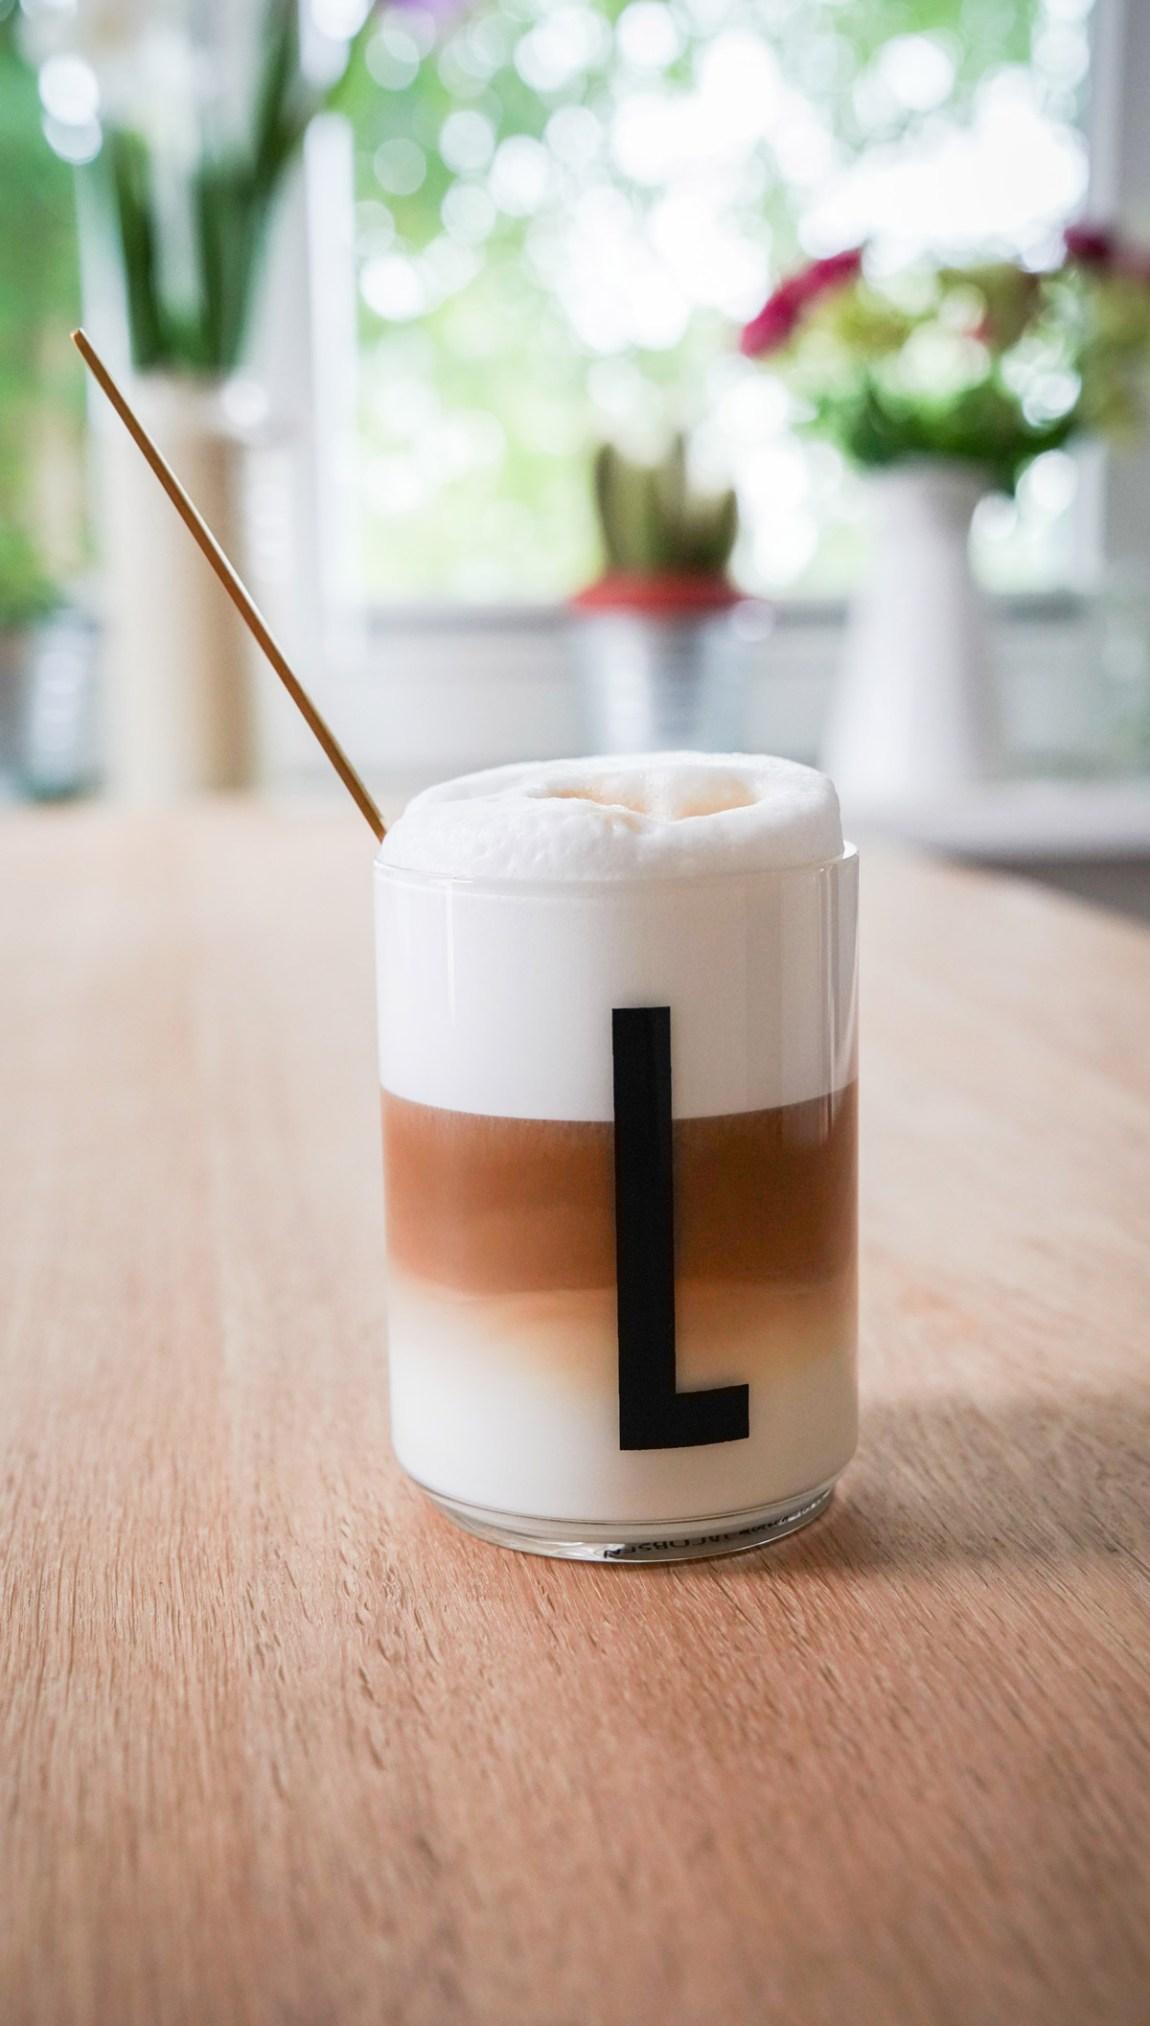 Mit dabei mein neues Kaffee Glas von Designletters. Wir arbeiten in der Stadt und wohnen auf dem Land und das als Selbstständige. Ein paar Zeilen über unsere neue Arbeitssituatuion jetzt auf ichsowirso.de